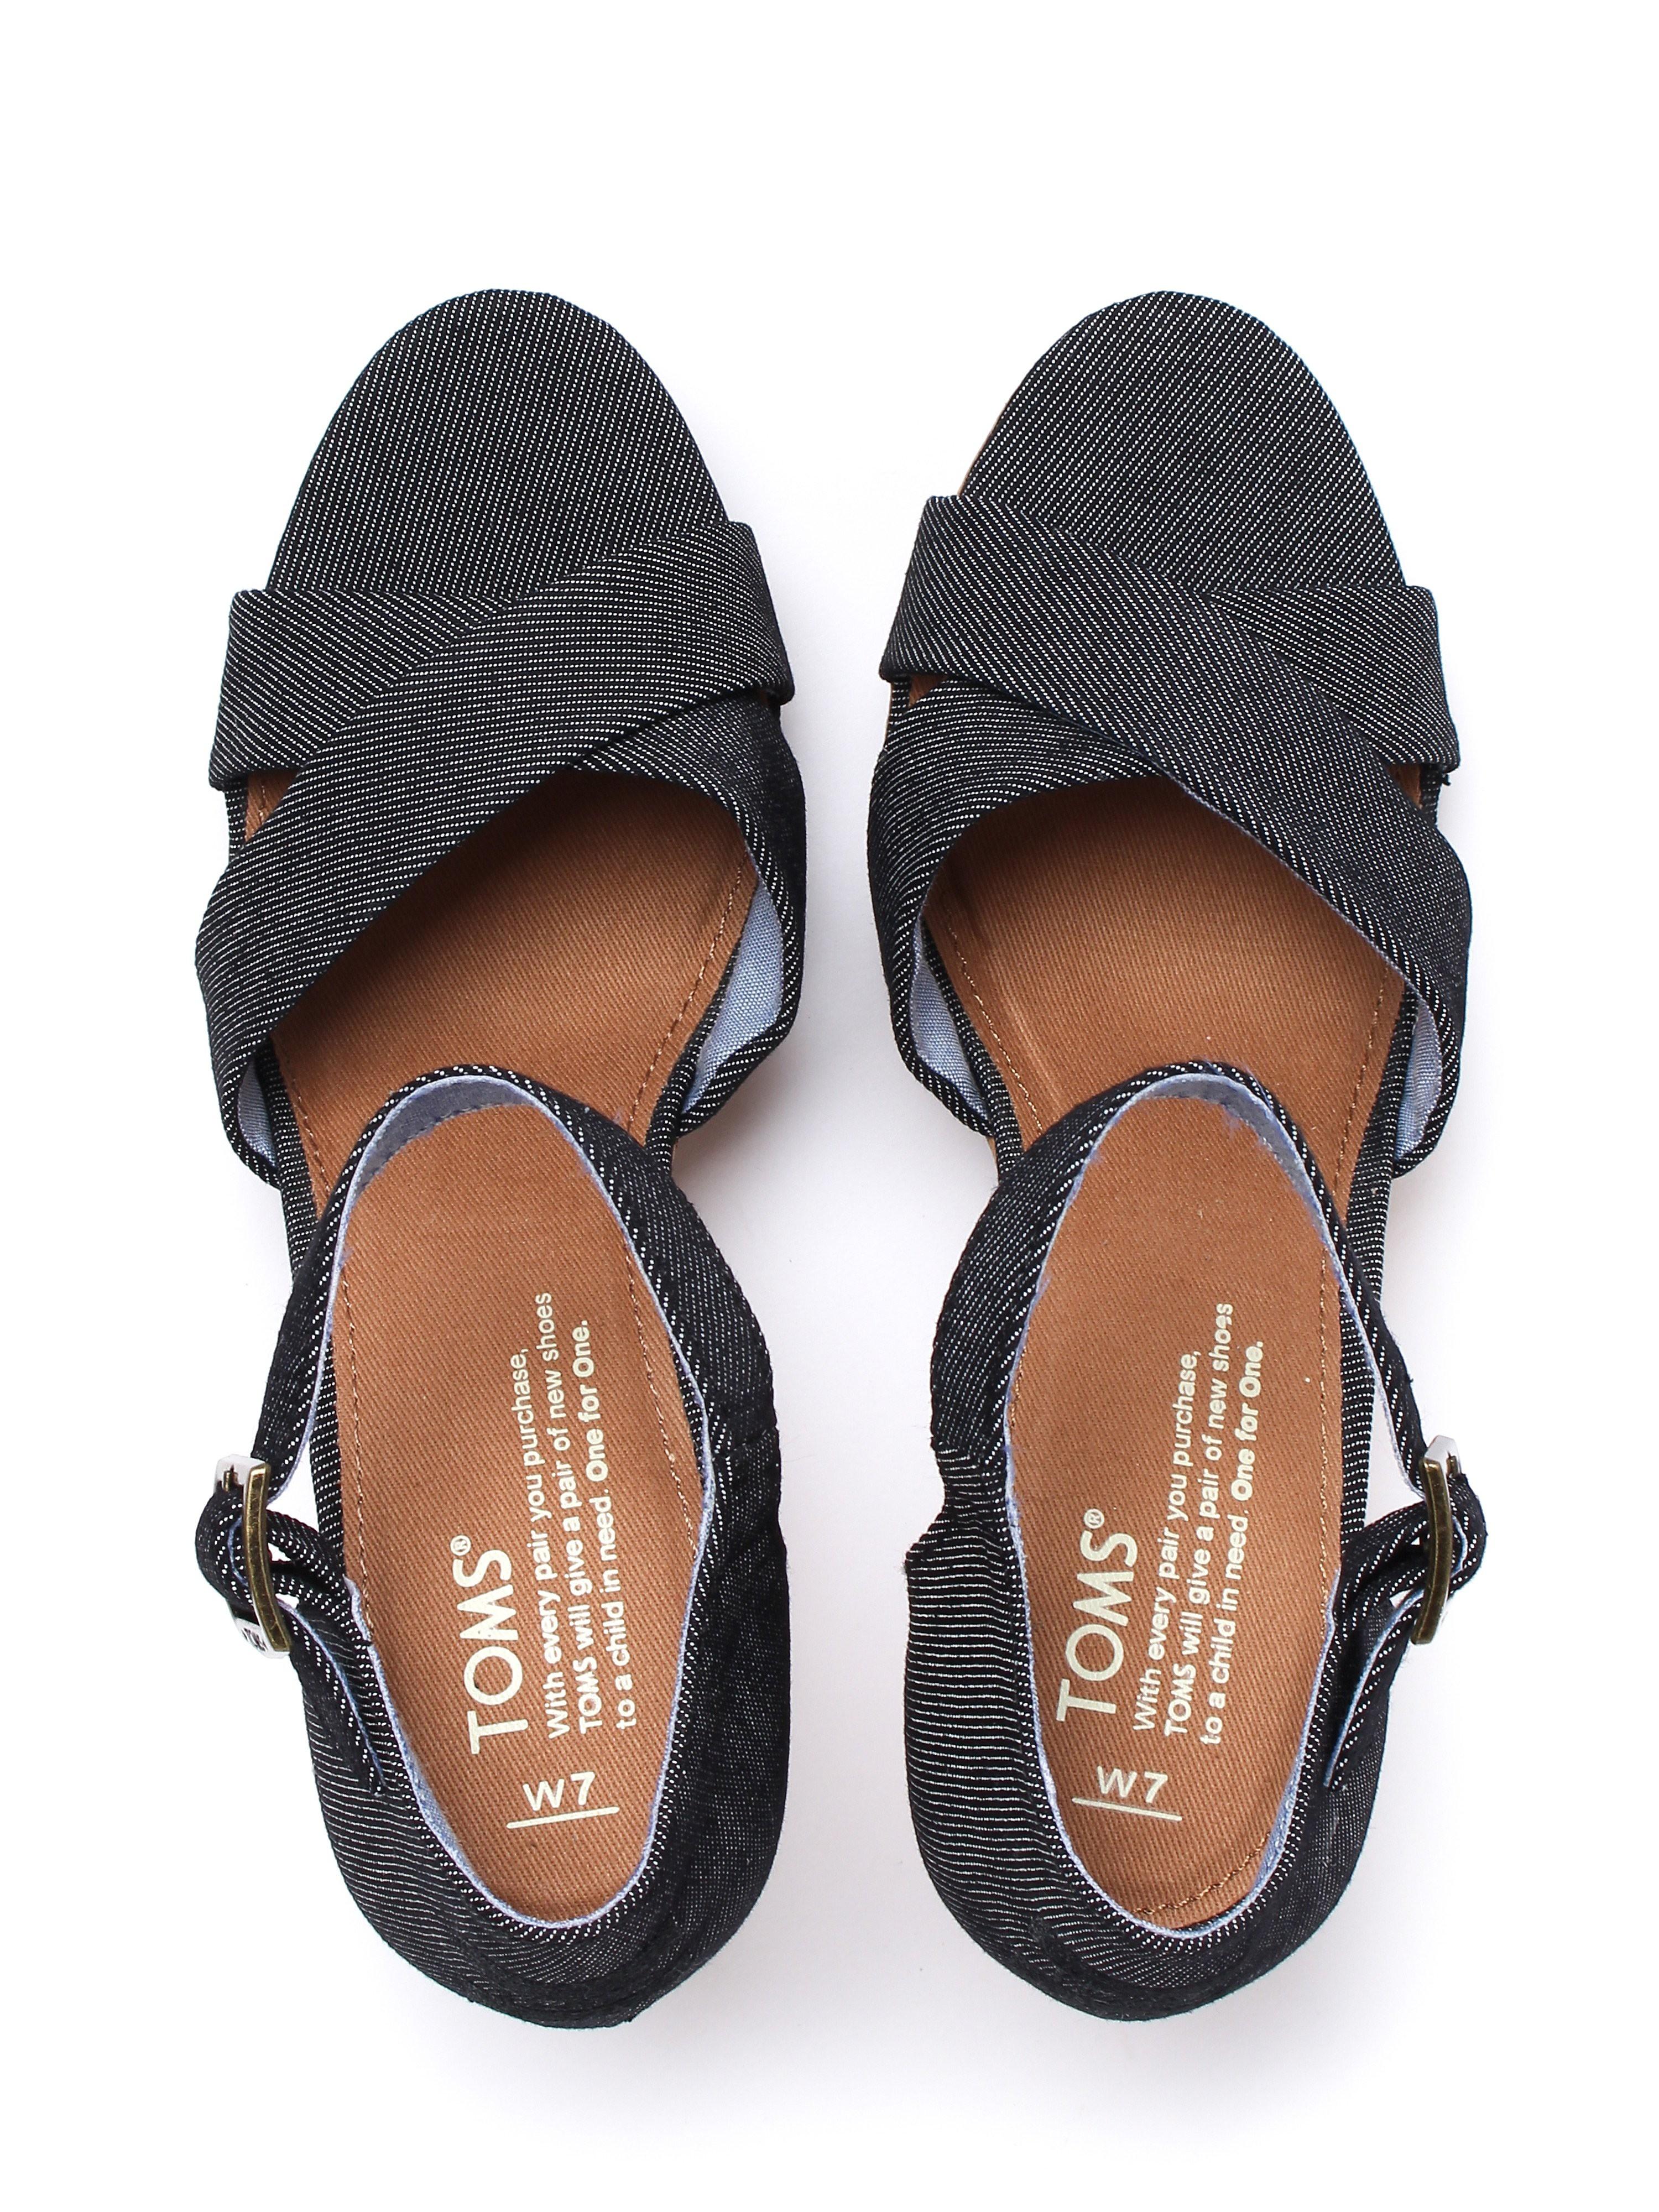 Toms Women's Sienna Cork Sandals - Black Denim